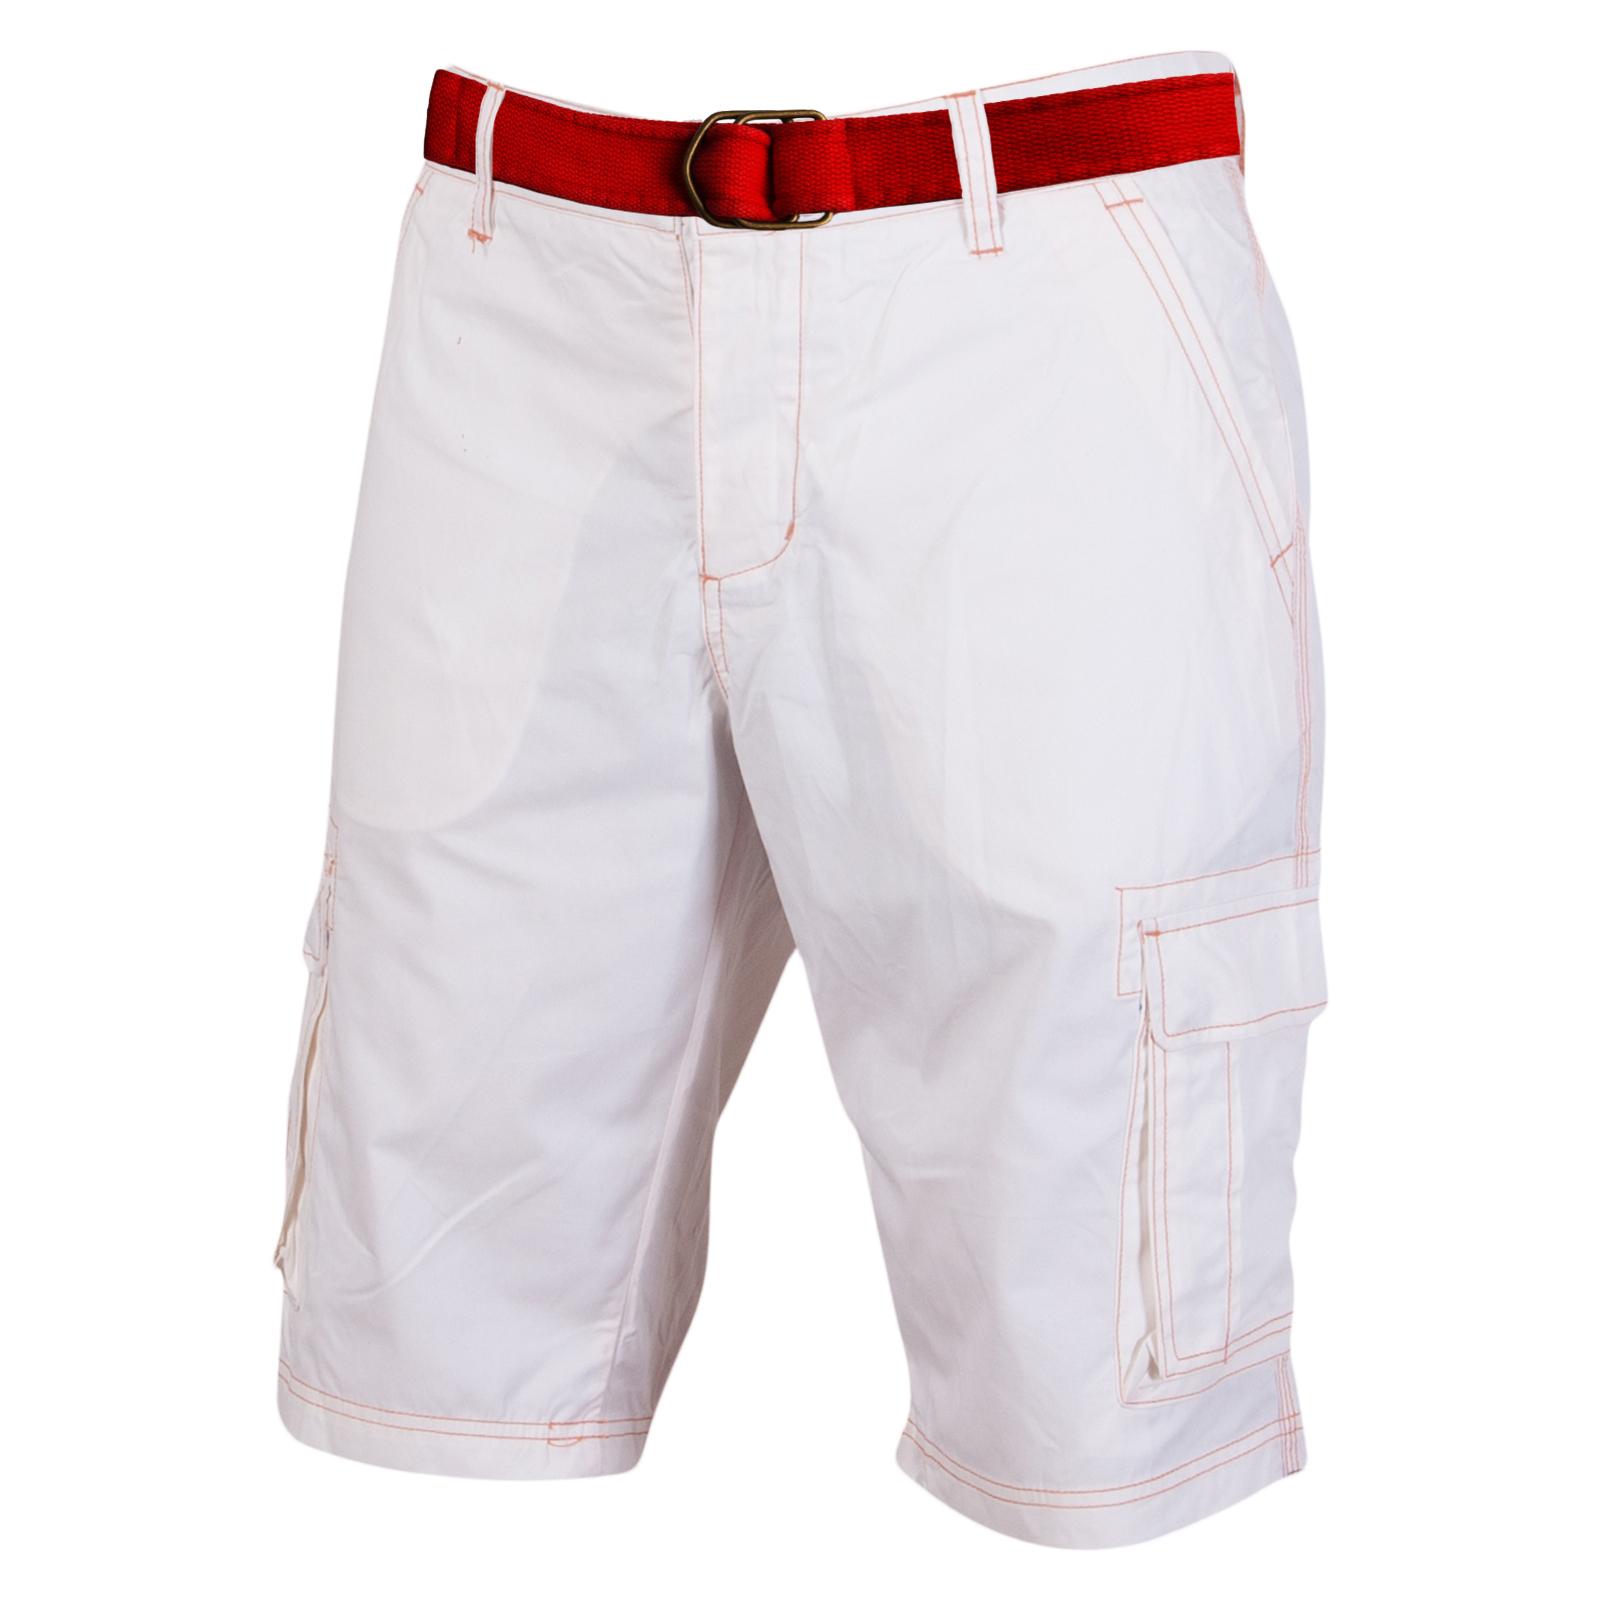 Мужские белые шорты - купить недорого онлайн